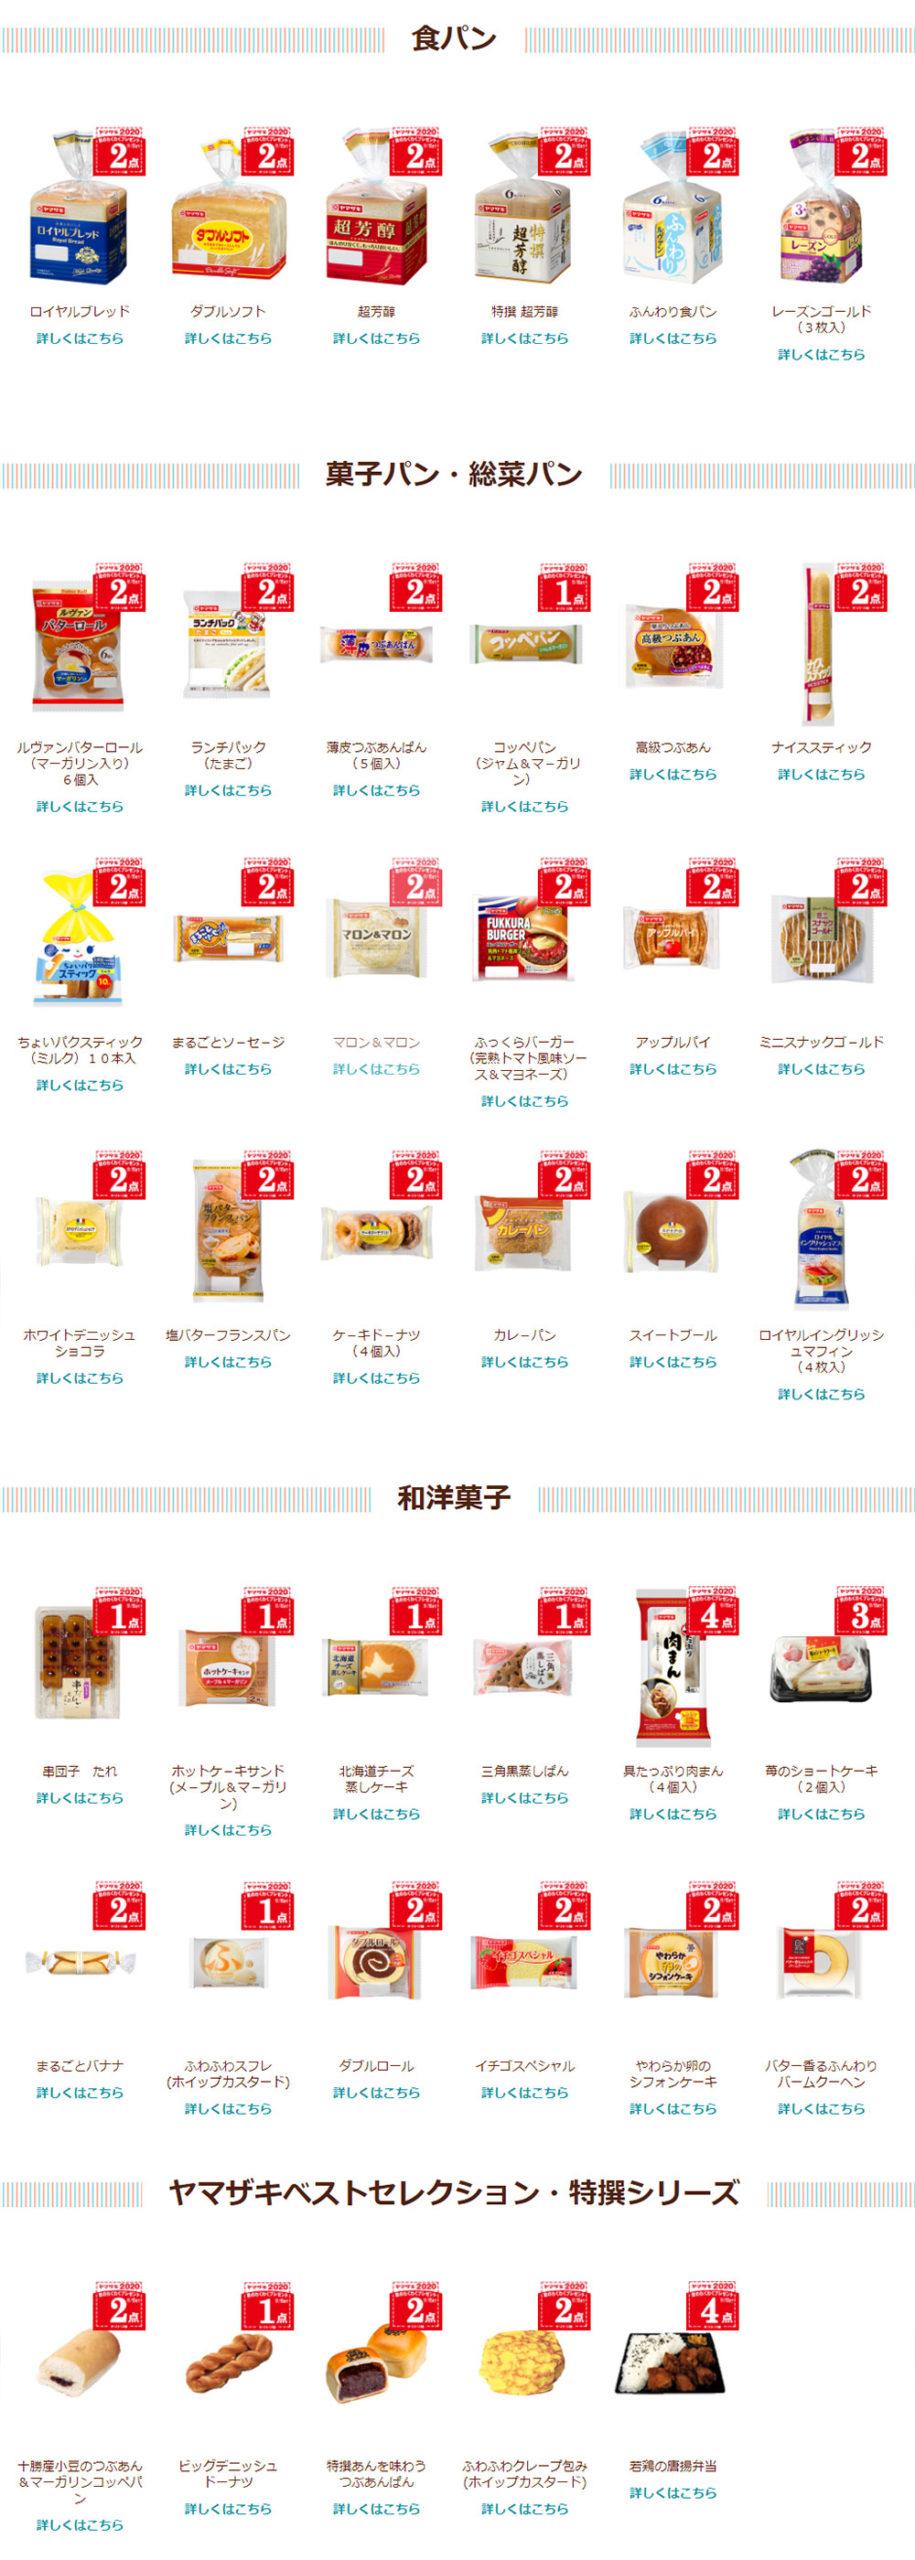 ヤマザキ秋のパン祭り 懸賞キャンペーン2020秋 対象商品